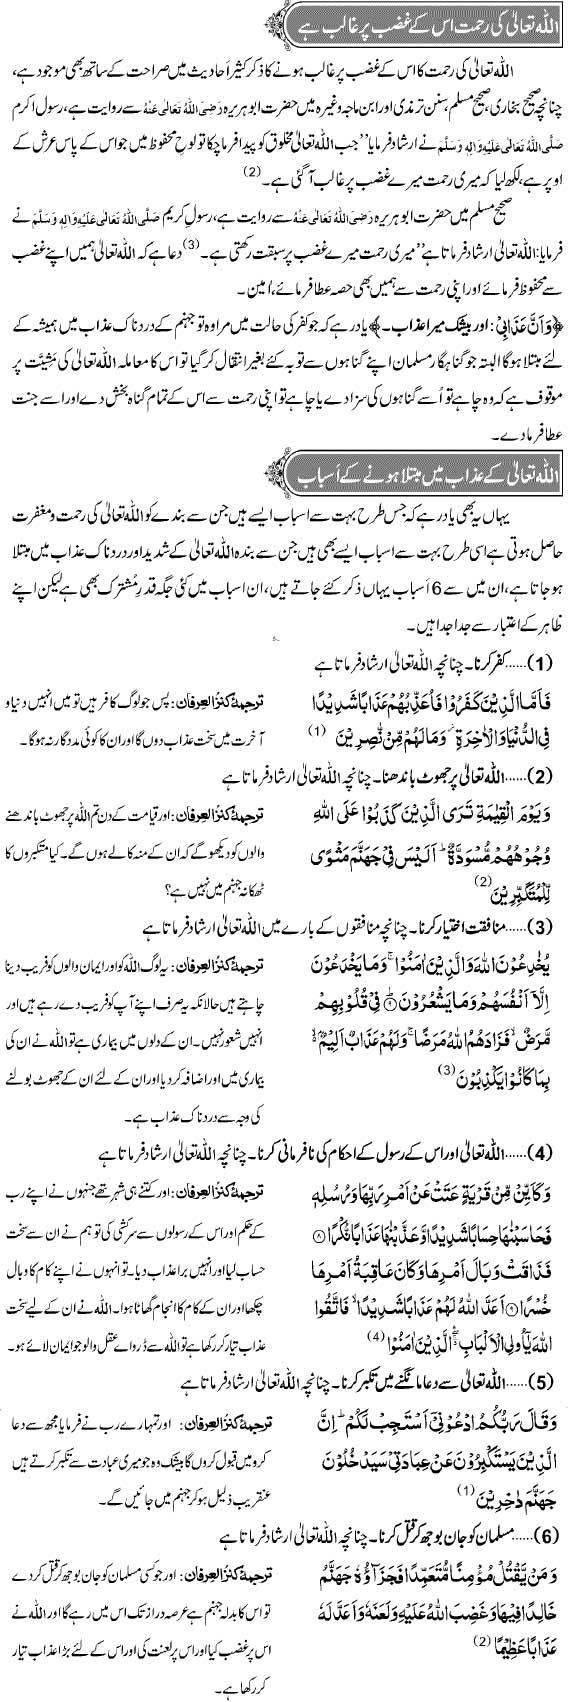 Allah Ki Rahmat Uss kay Ghazab Par Ghalib Hayi